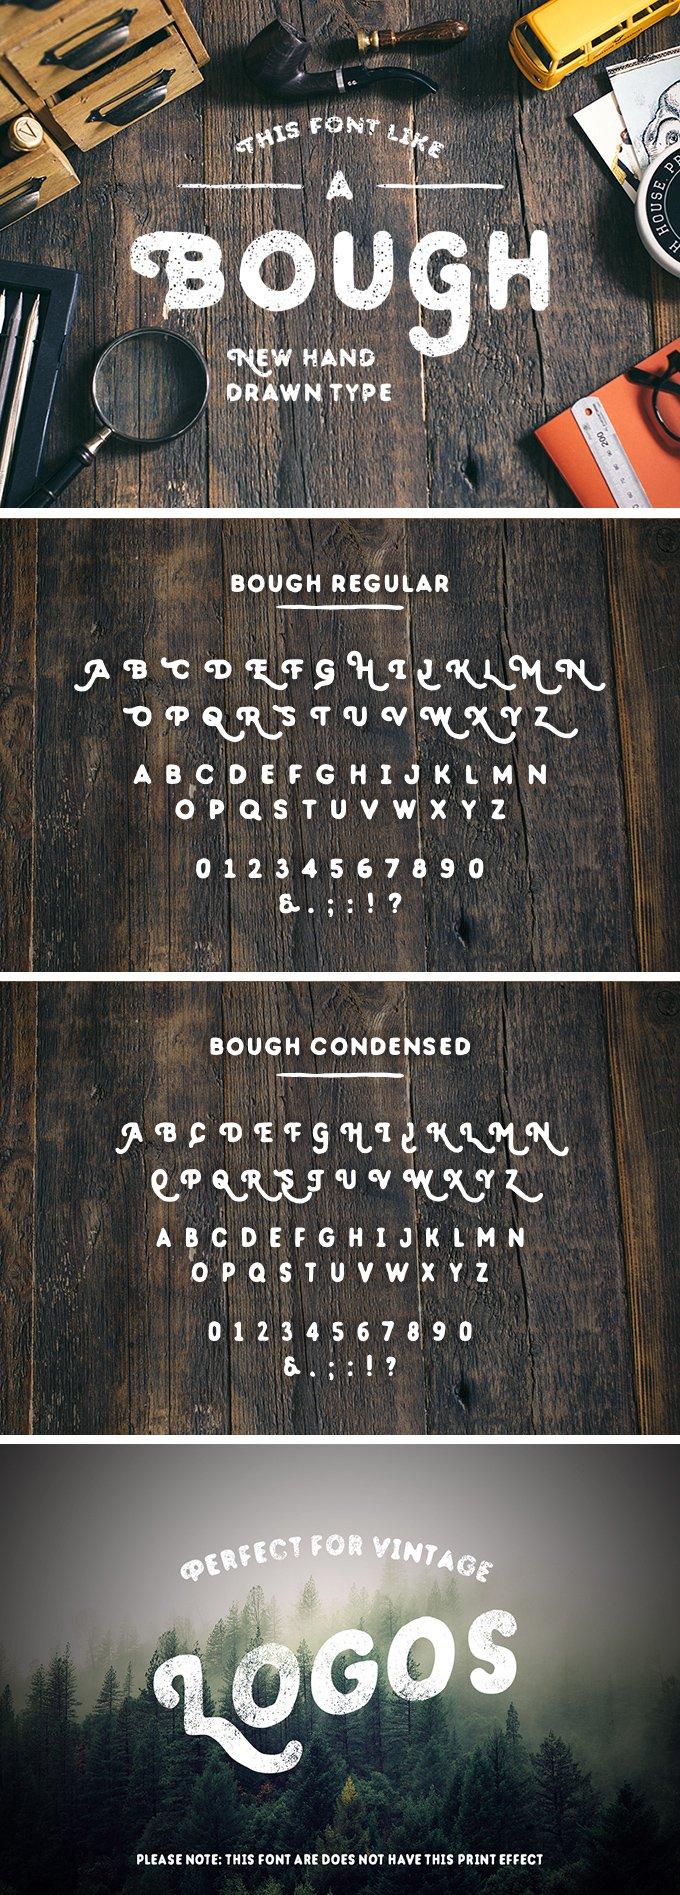 Шрифт Bough скачать бесплатно